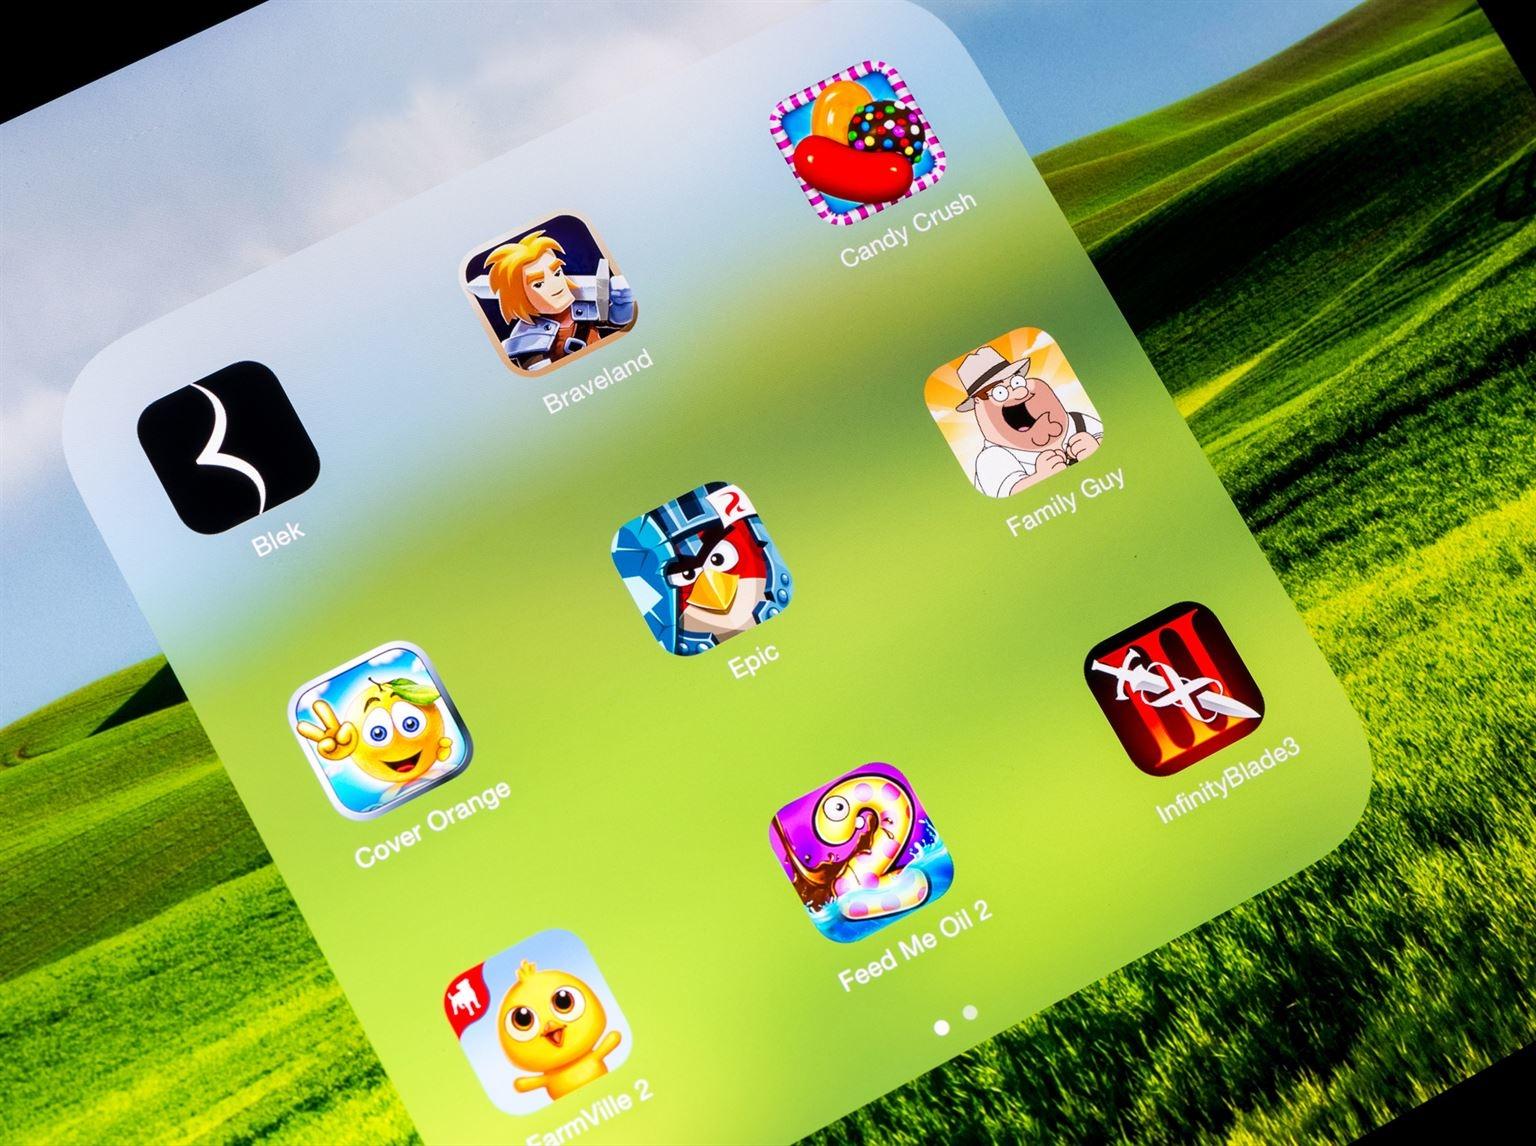 Jeux Sur Tablette: 64 Choix Pour Enfants | Protégez-Vous.ca à Jeux De Fille 2 Gratuit